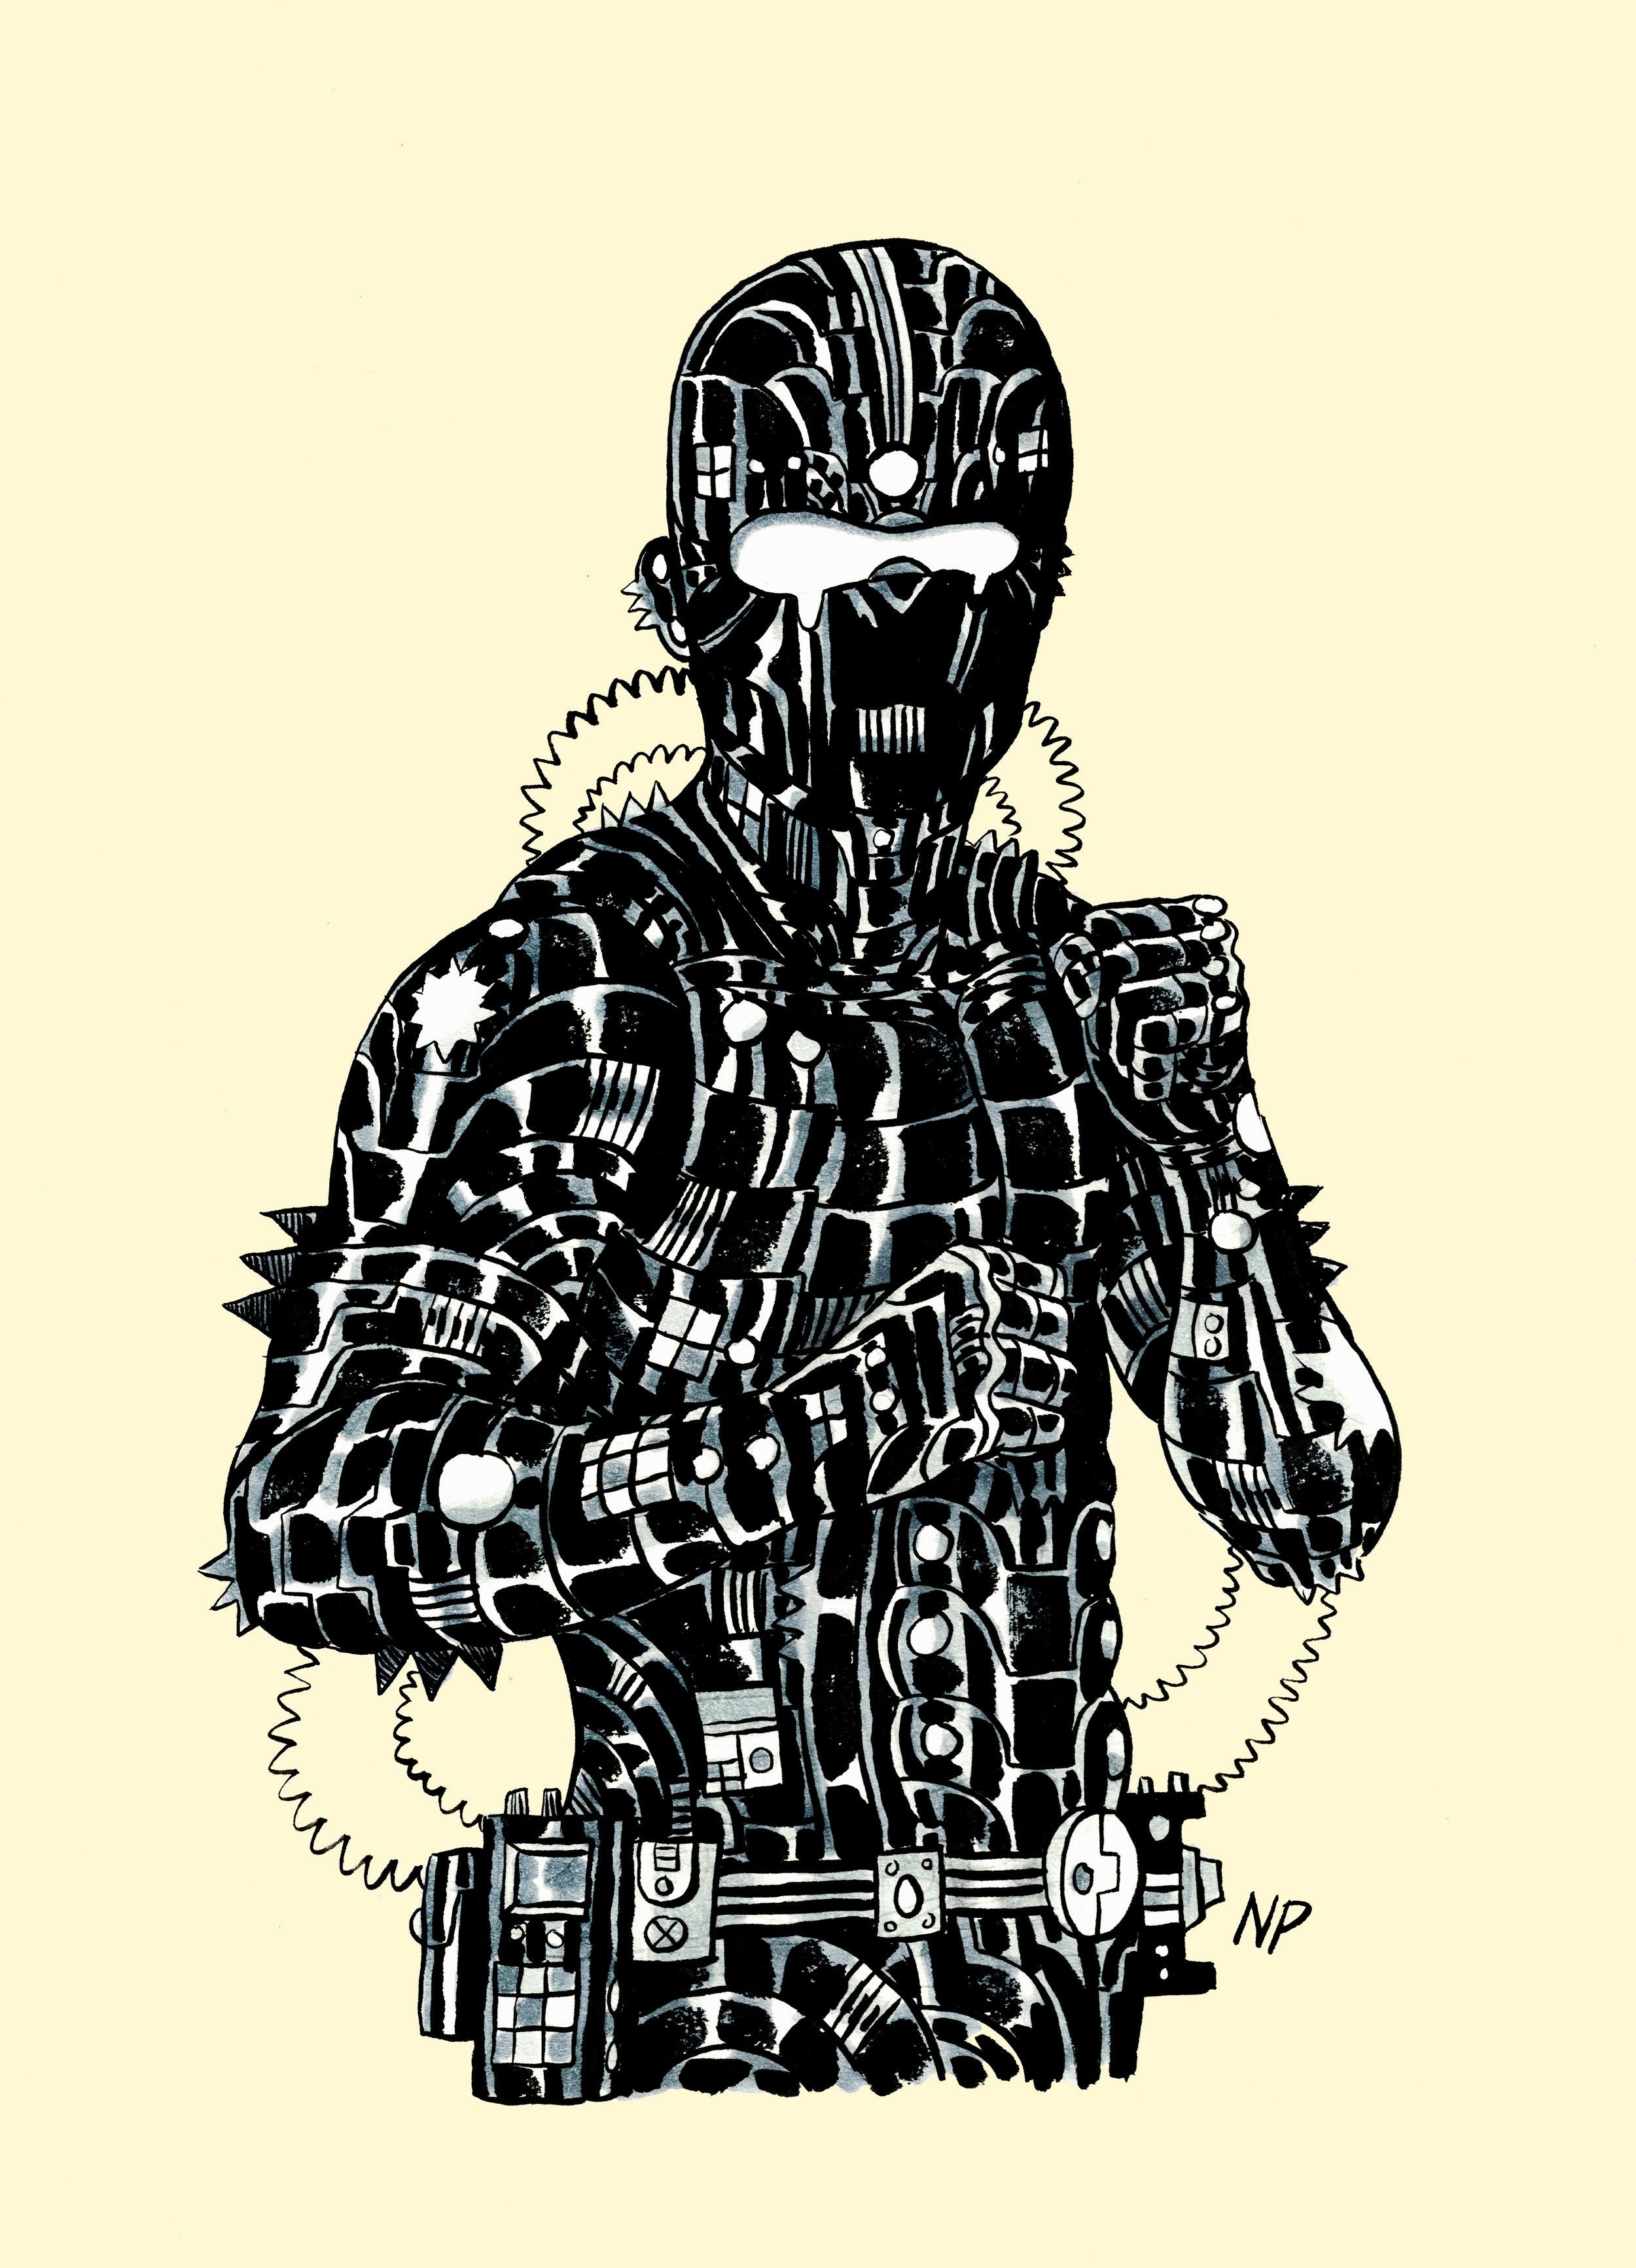 Exacto II / 9x12 / Ink, Marker, Digital